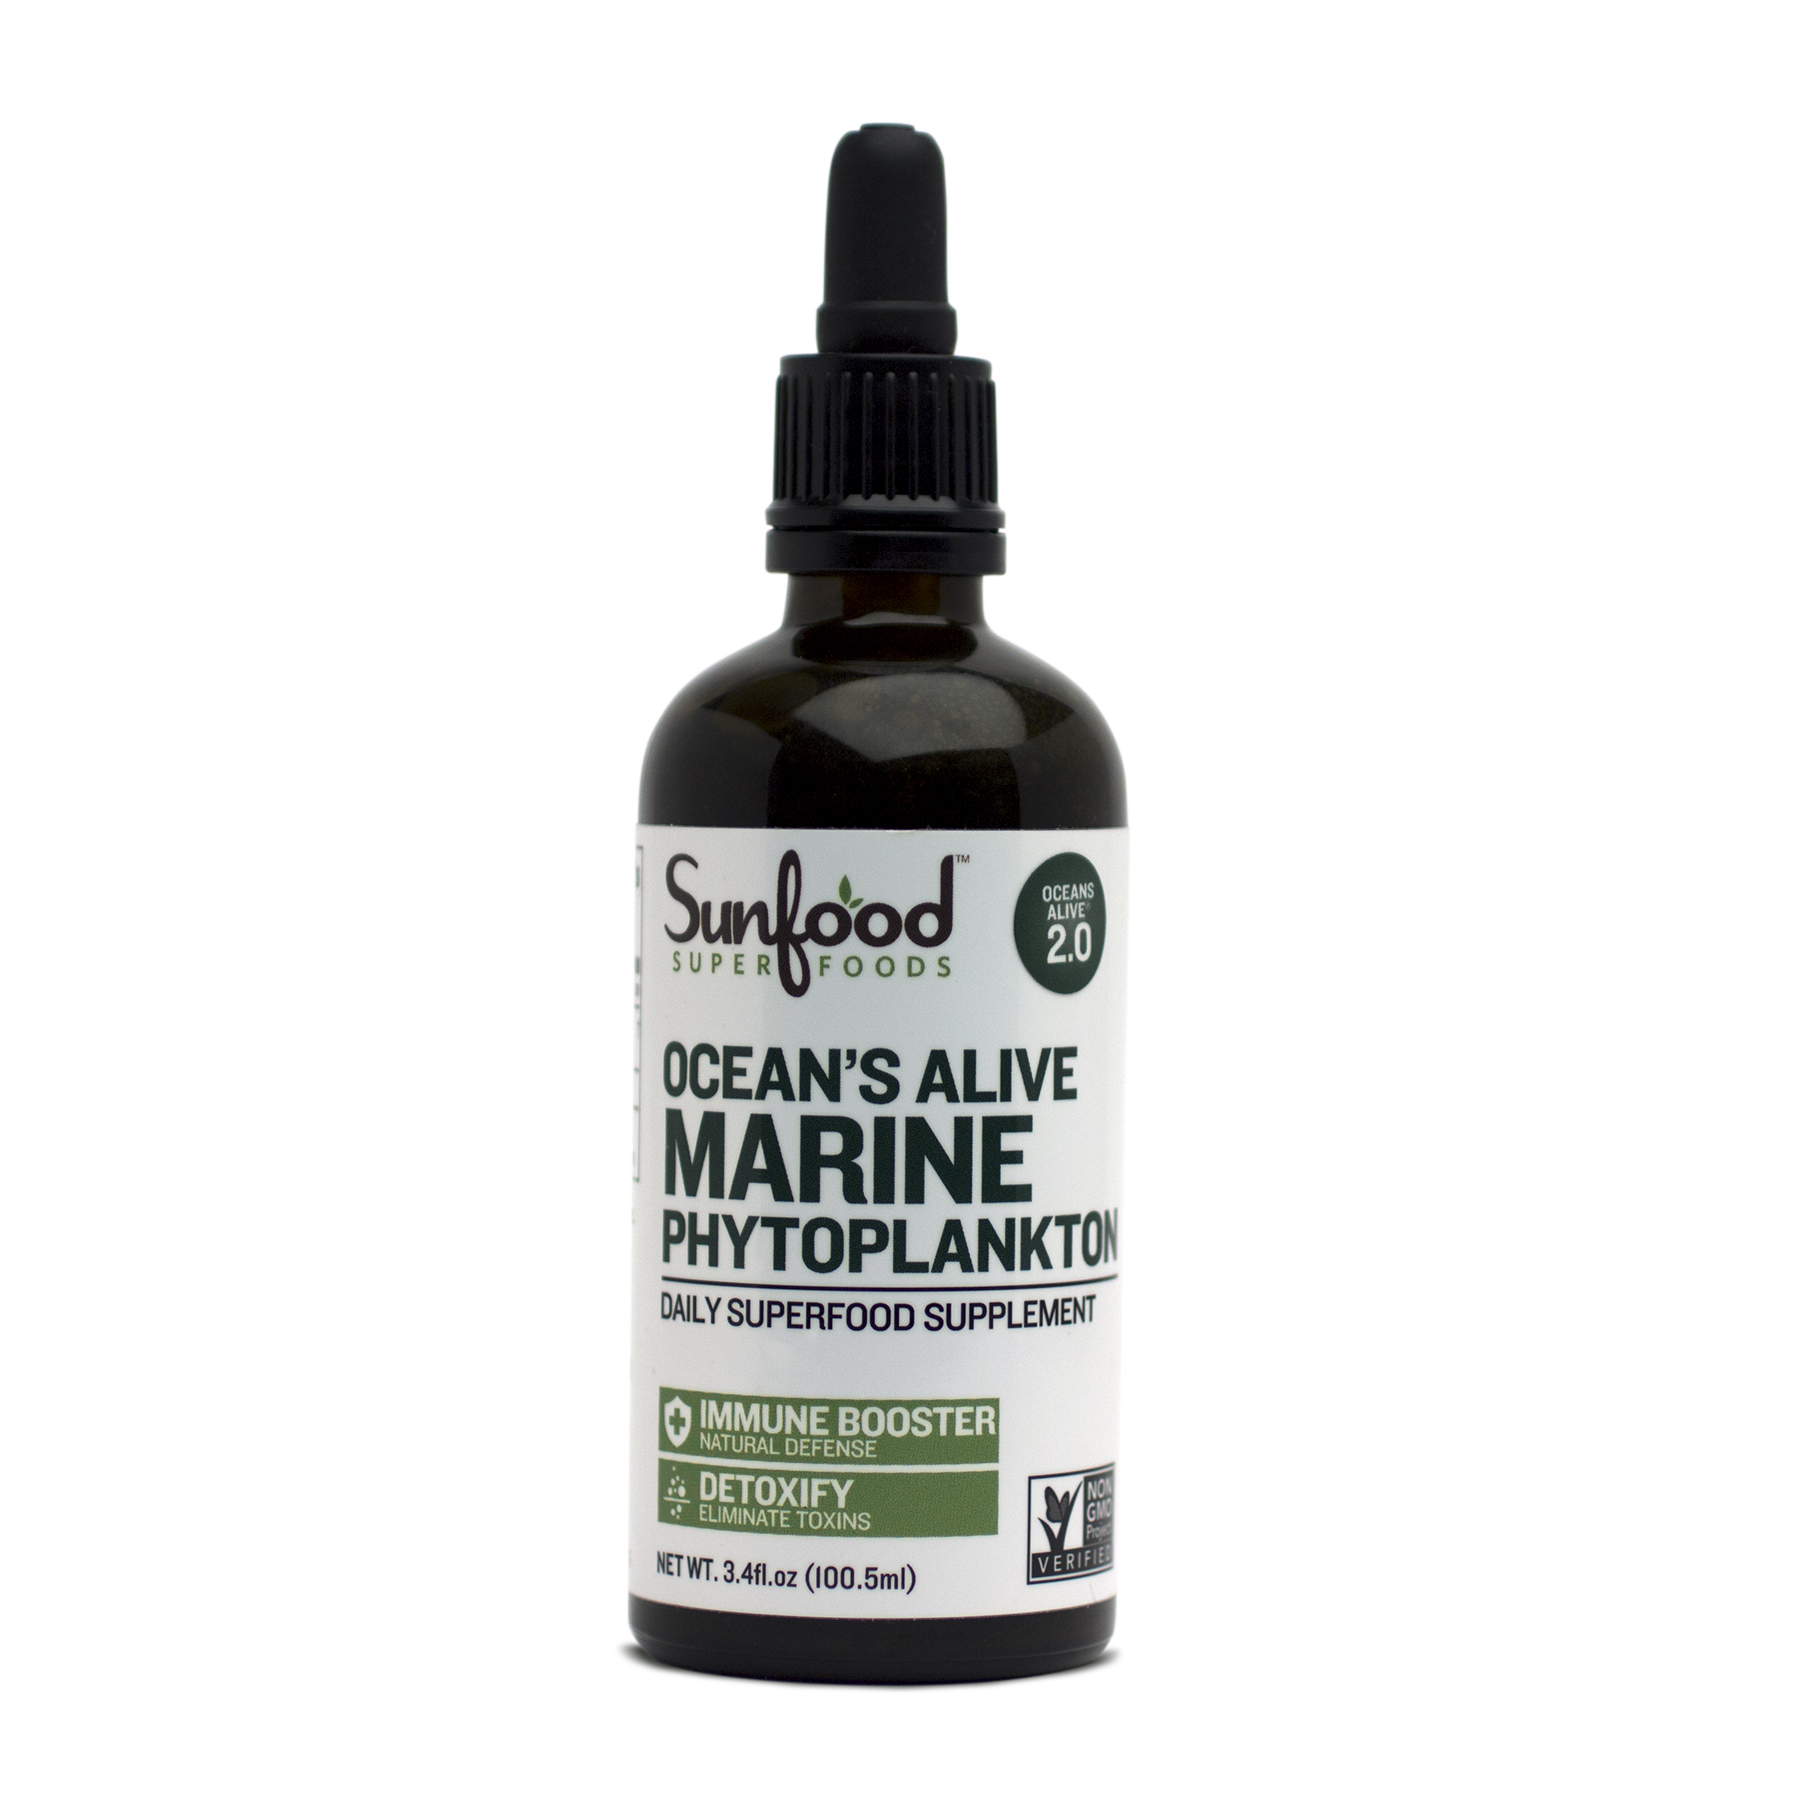 Sunfood Marine Phytoplankton